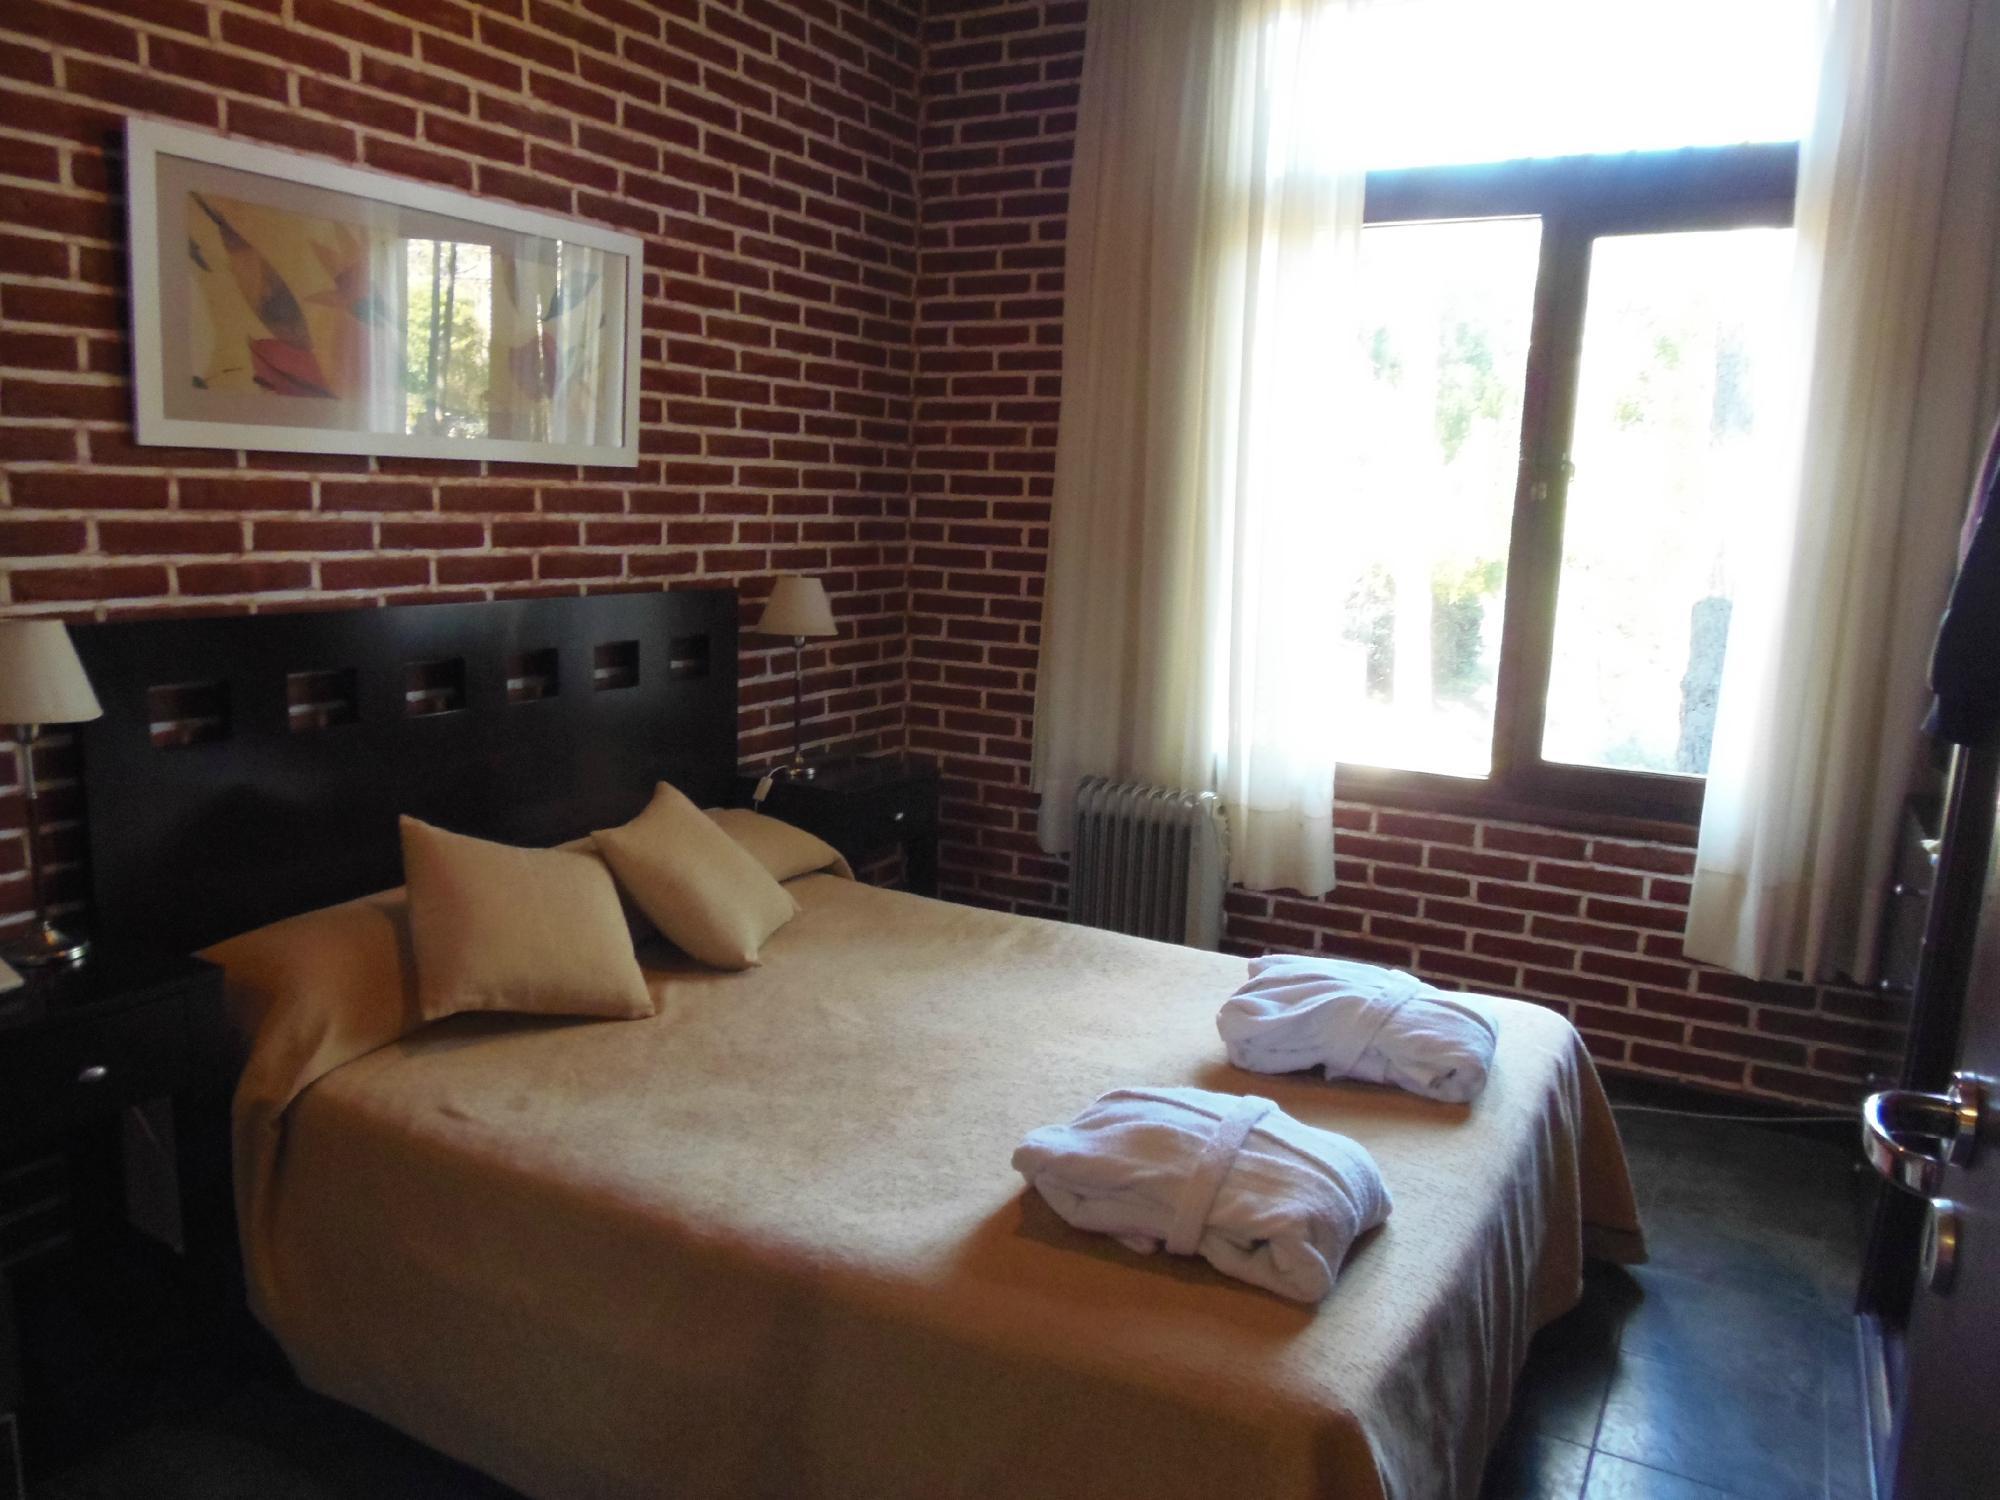 Hotel La Mansion del Bosque Spa & Resort